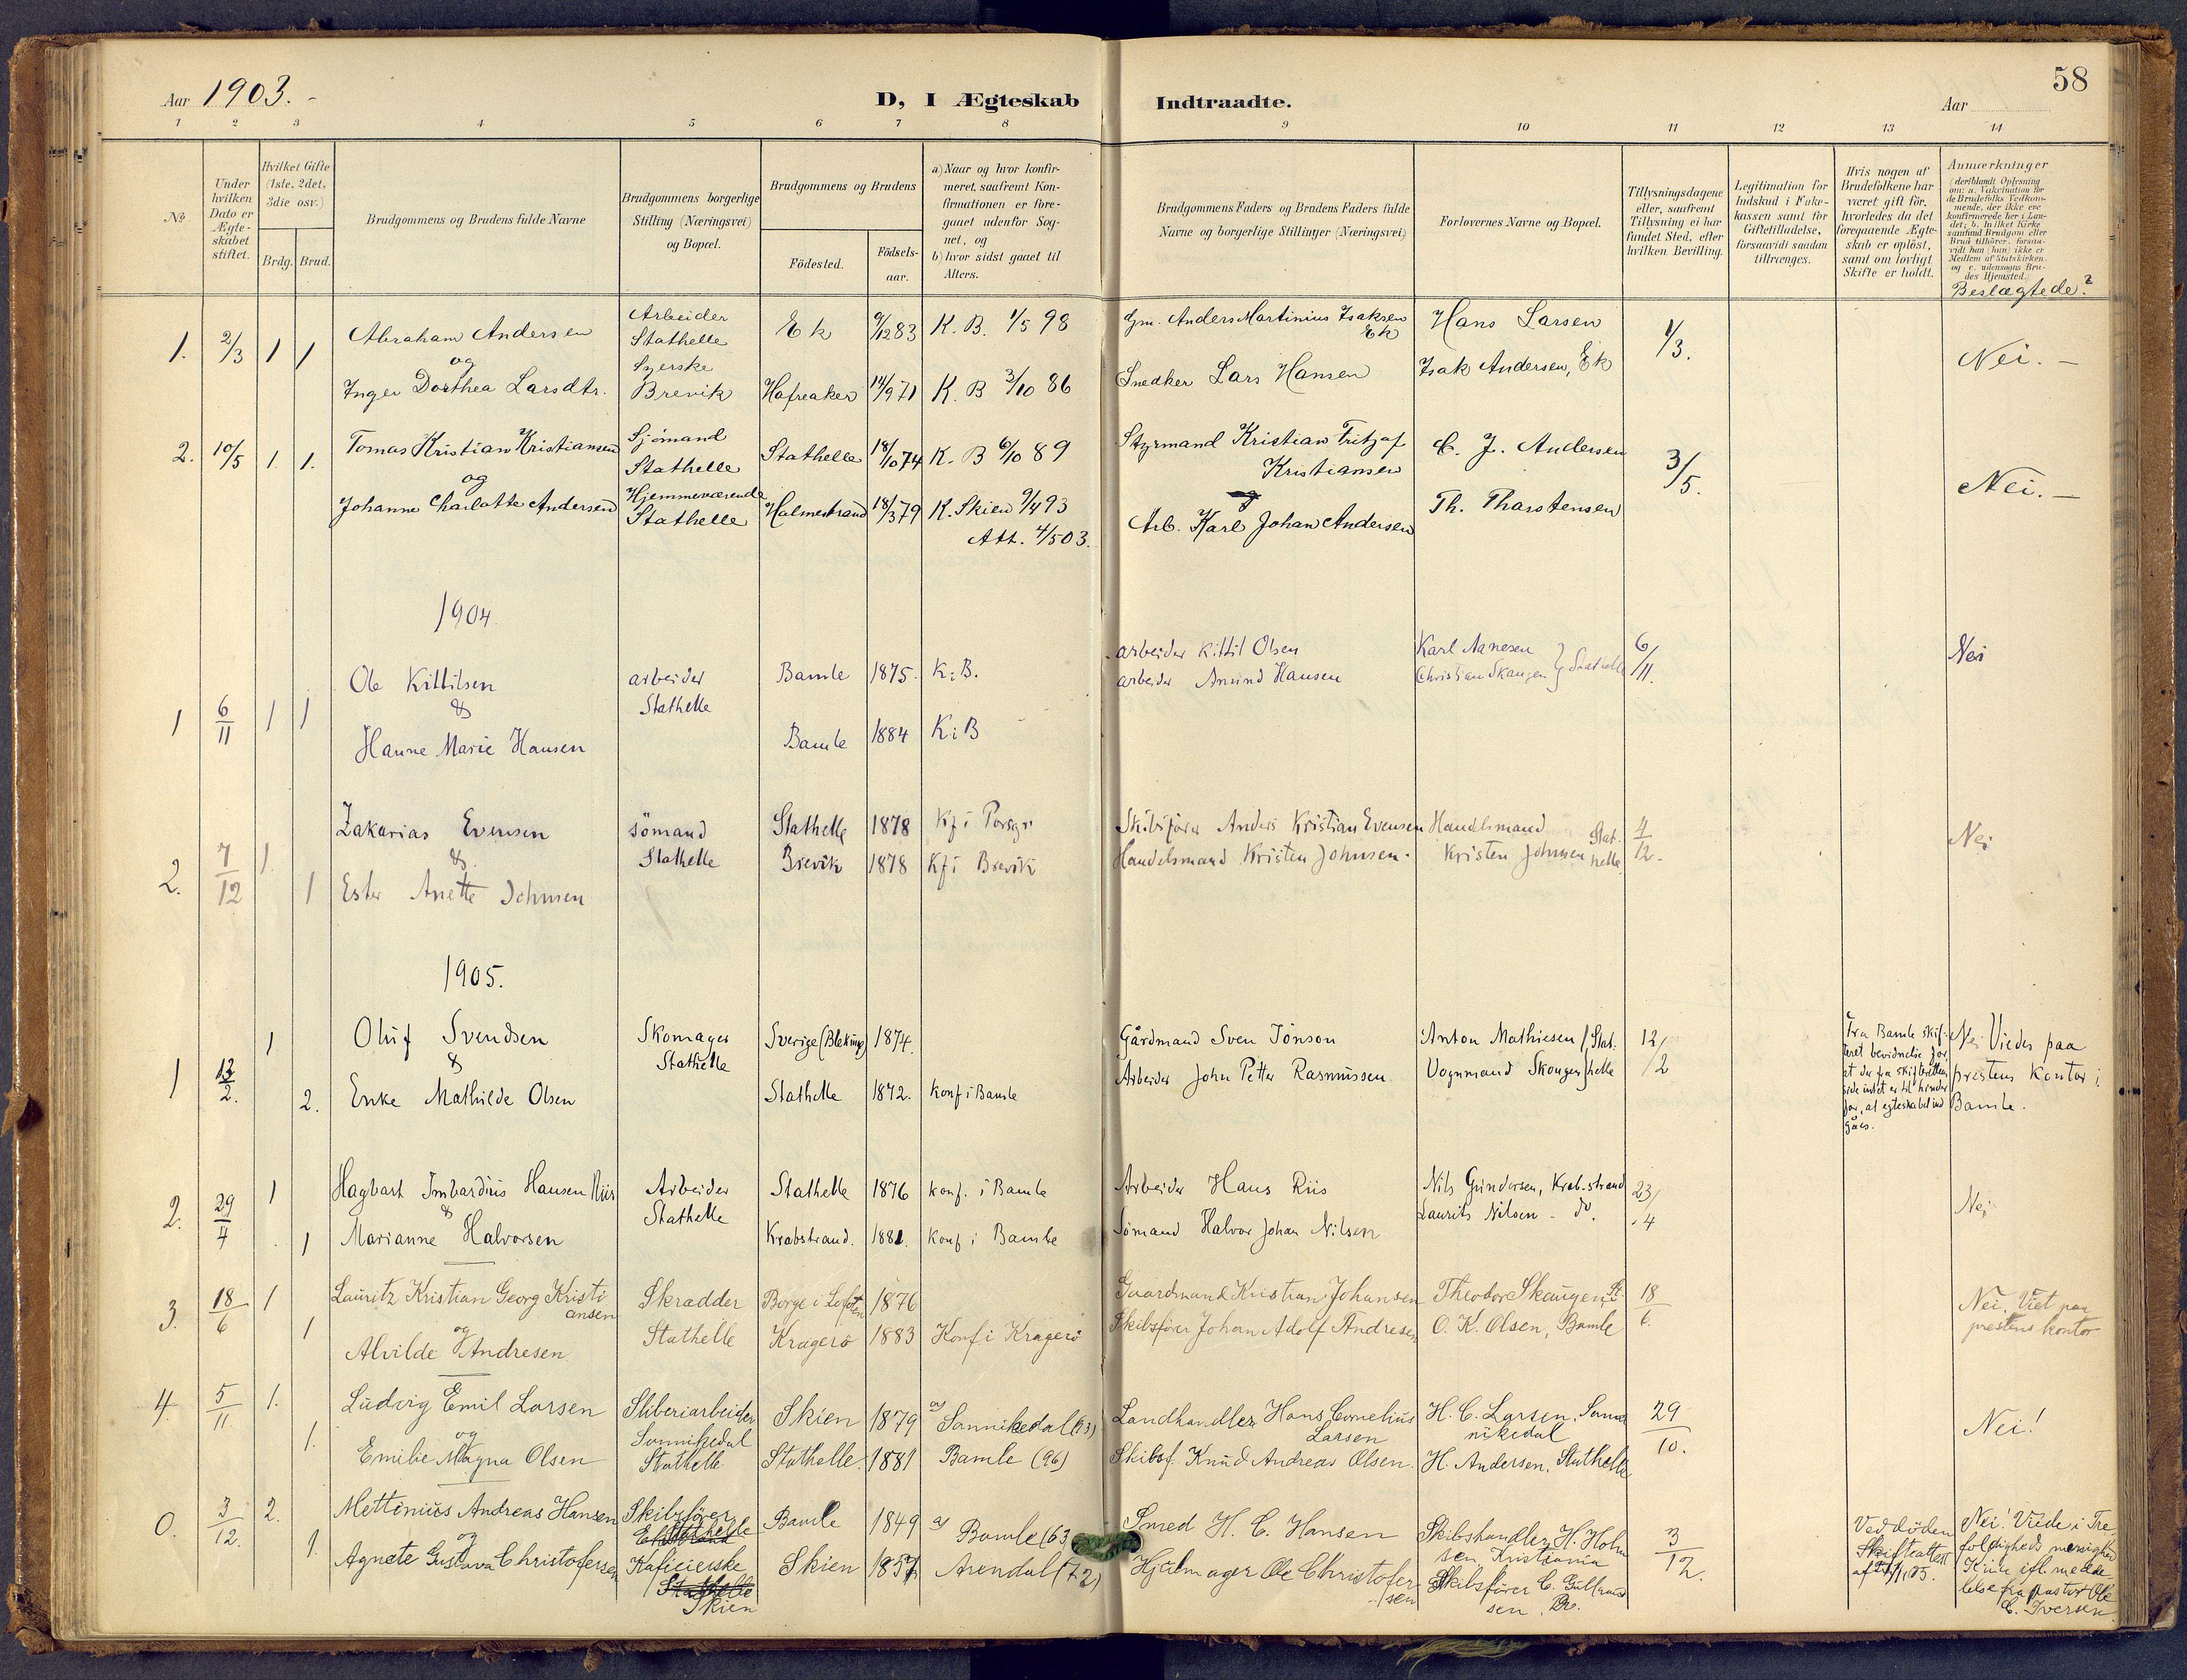 SAKO, Bamble kirkebøker, F/Fb/L0002: Ministerialbok nr. II 2, 1900-1921, s. 58